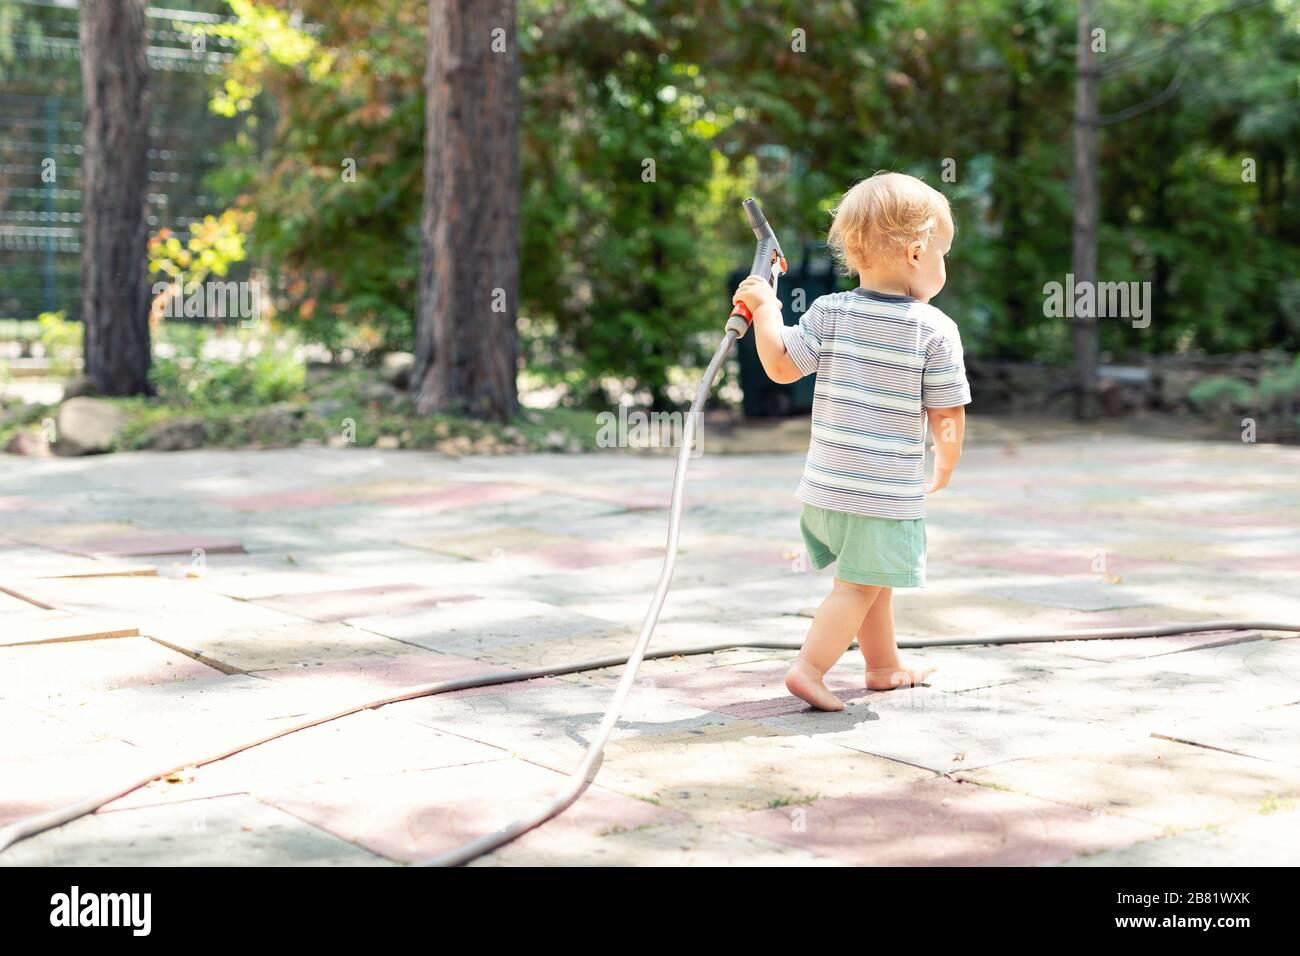 Cute adorable rubia caucásica barefeet muchacho caminando en casa patio tubo sujetando la manguera para regar el jardín. Niño pequeño ayudante jugando en jardinería Foto de stock